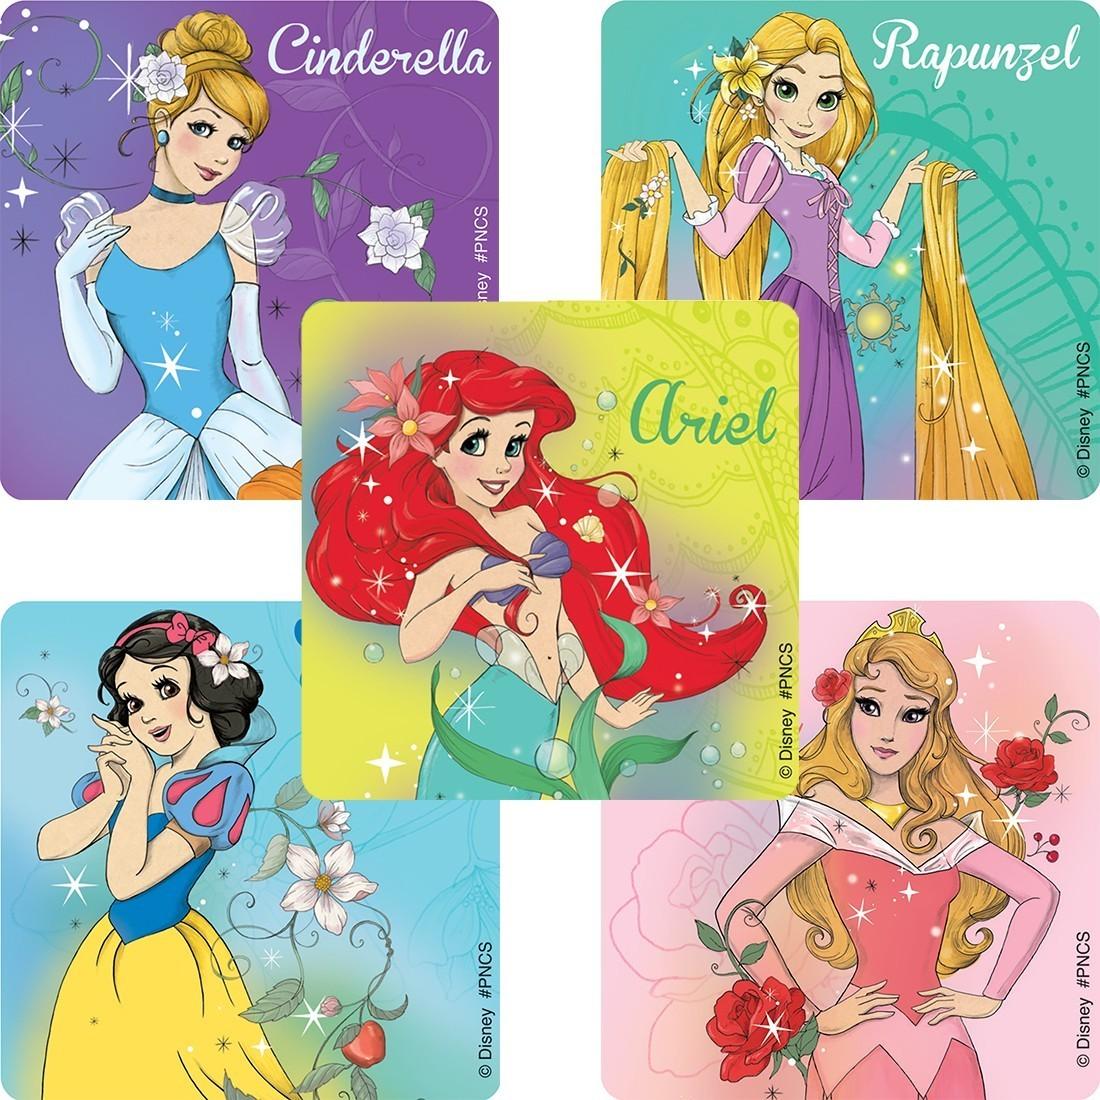 Disney Princess Stickers [image]